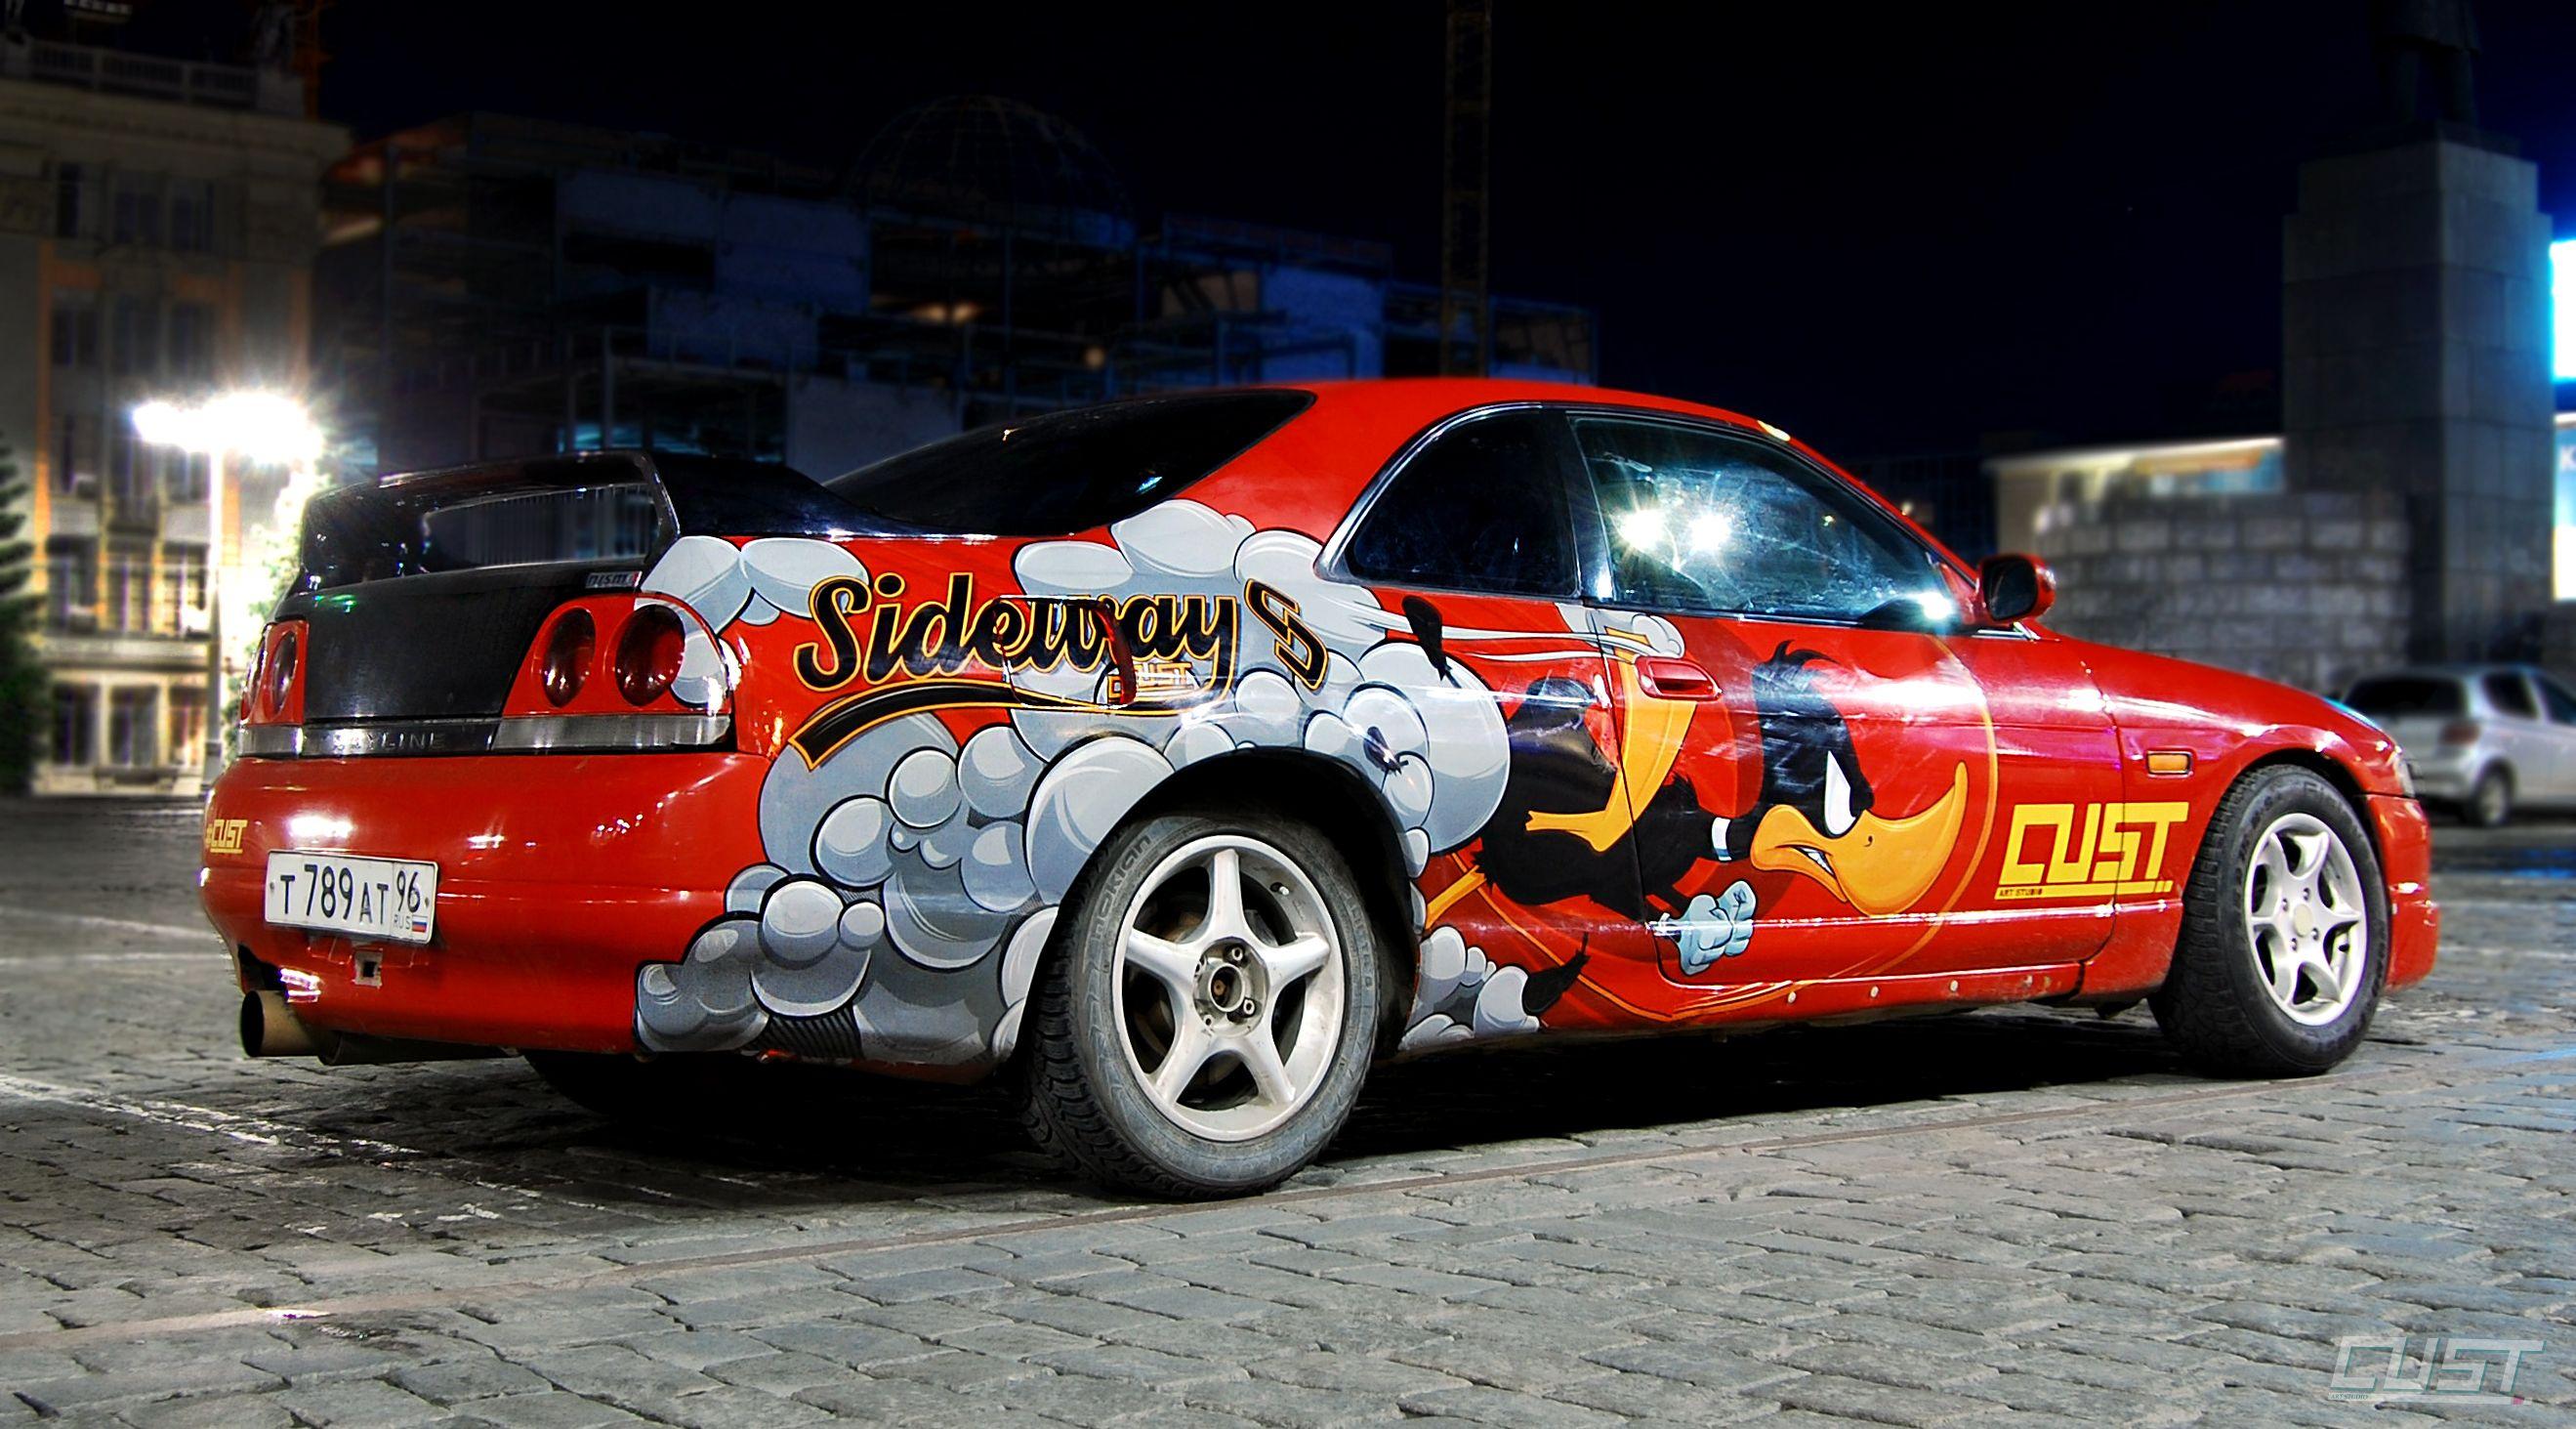 Art Car Skyline R33 Vehicle Wrap By Cust Cust Pinterest Cars